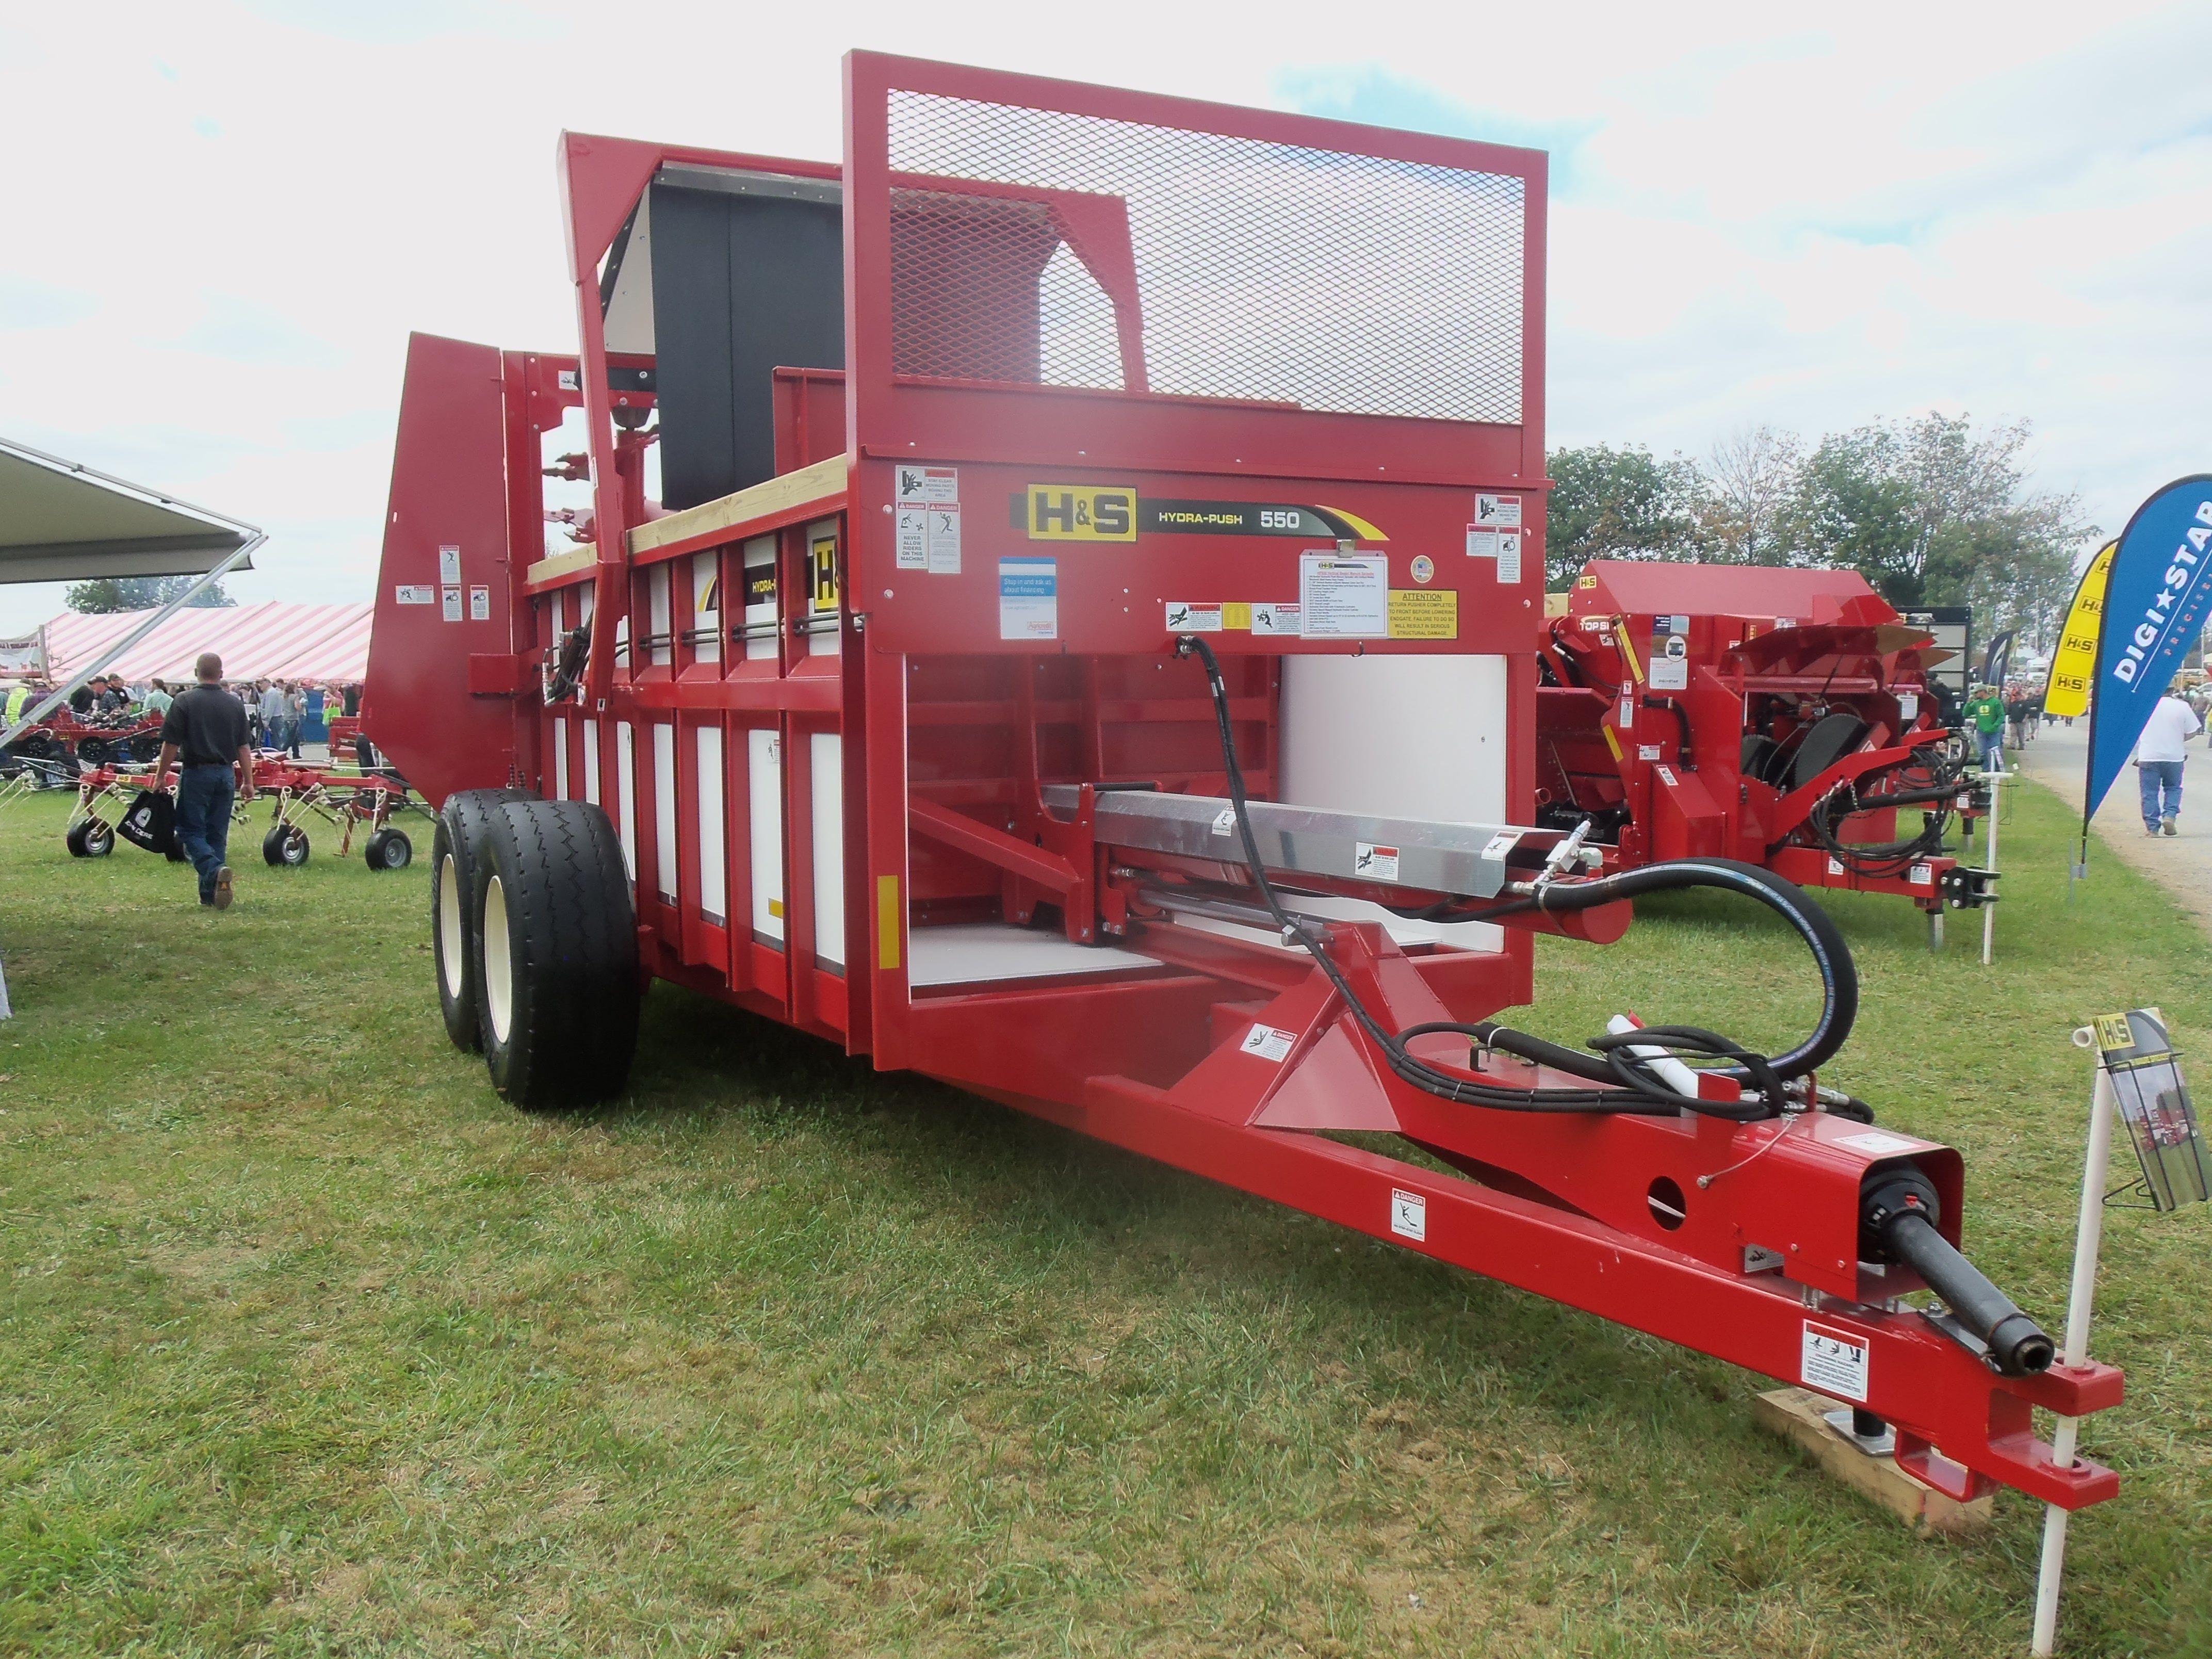 Huge hs 350 manure spreader farm equipment manure